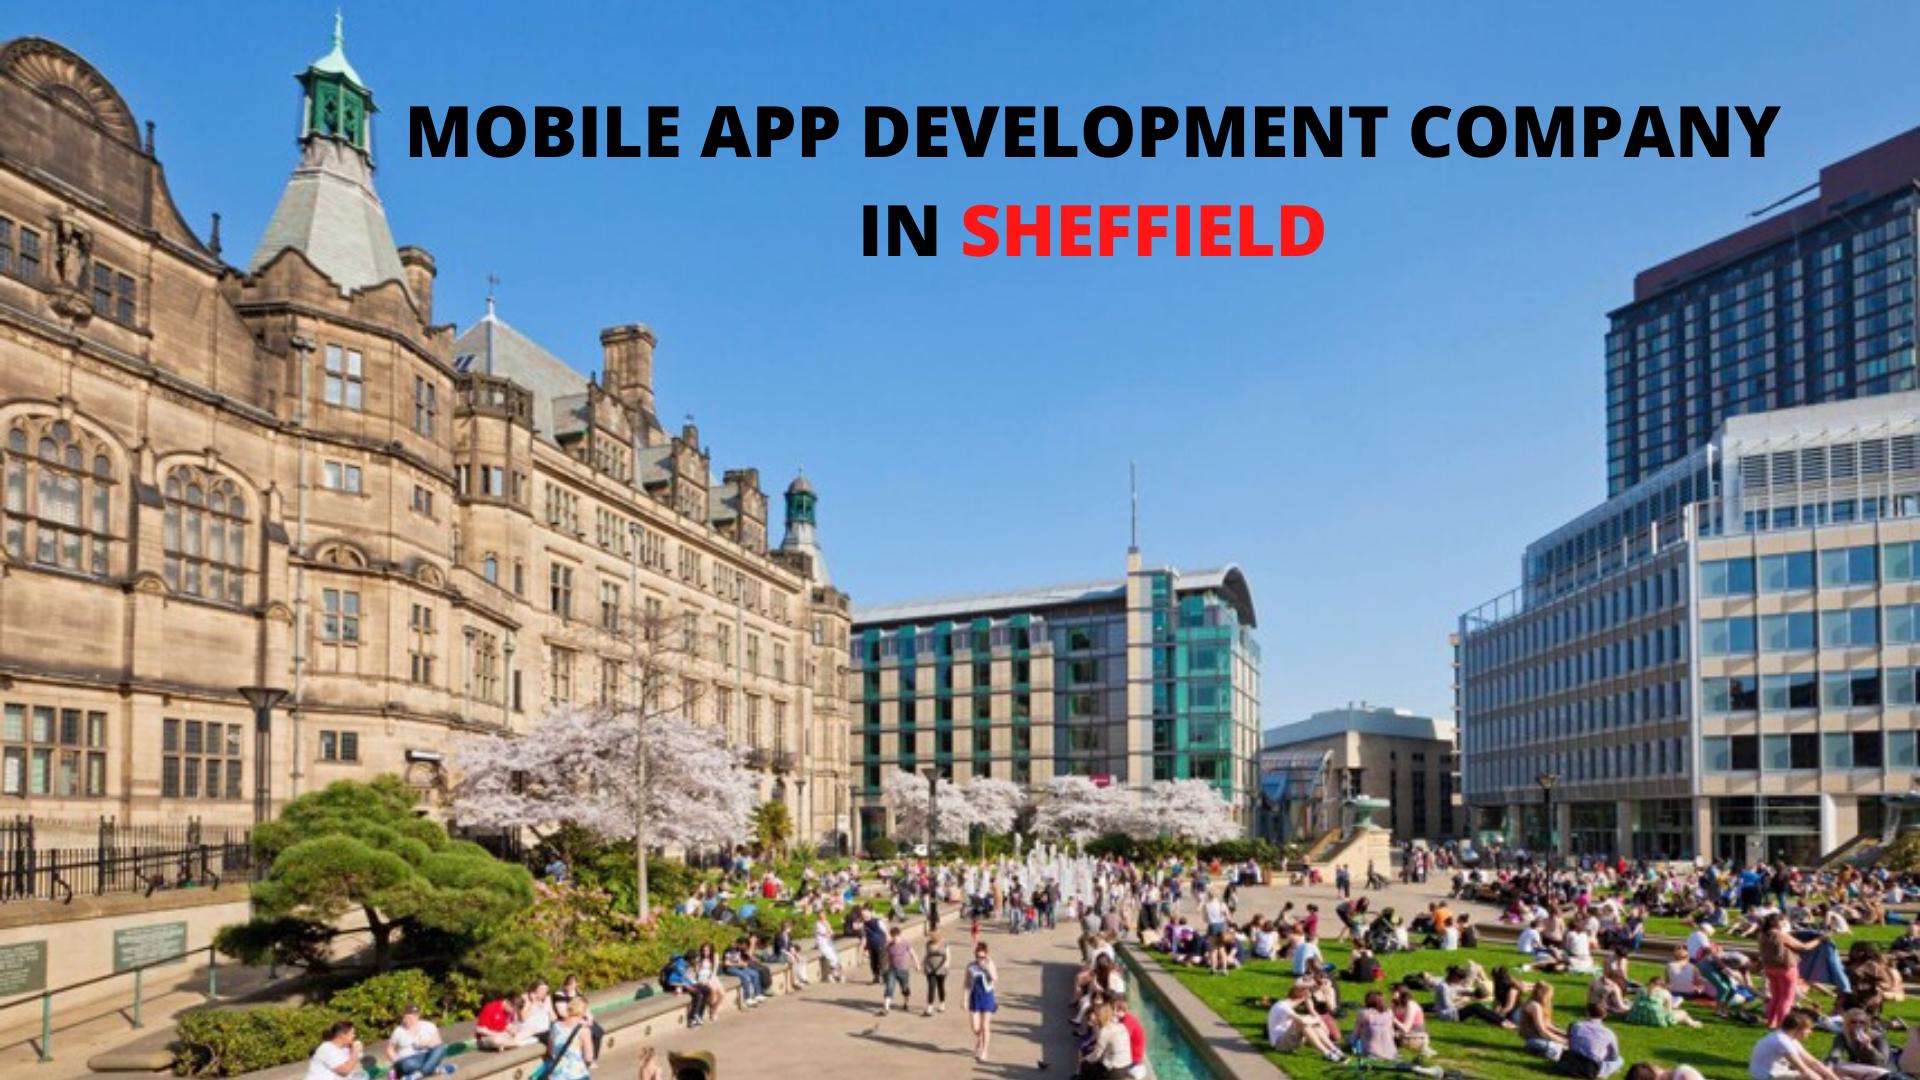 Mobile App Development Company in Sheffield - WebClues Infotech